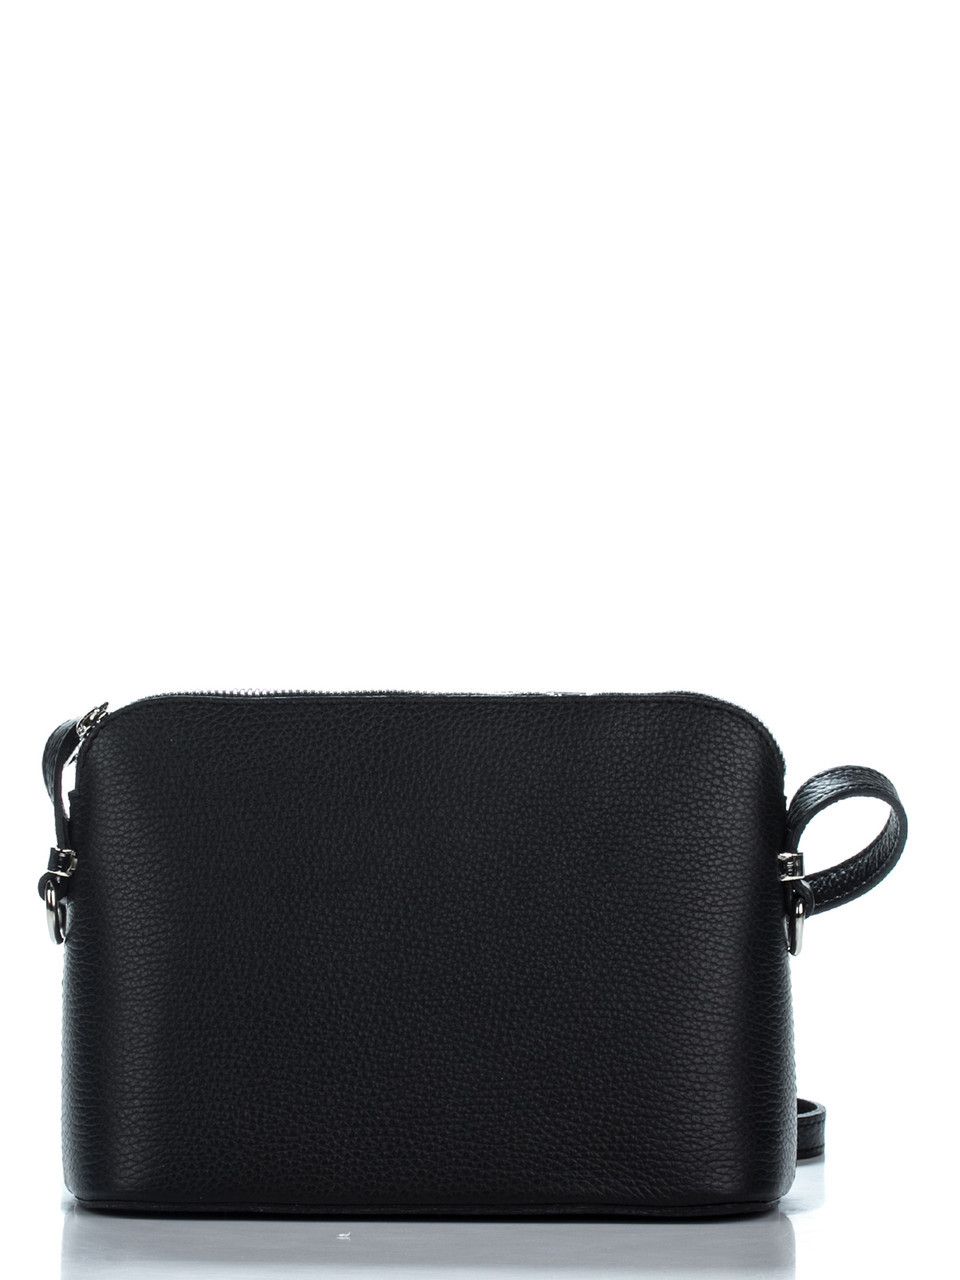 Женская кожаная сумка VIOLETTA Diva's Bag цвет черный